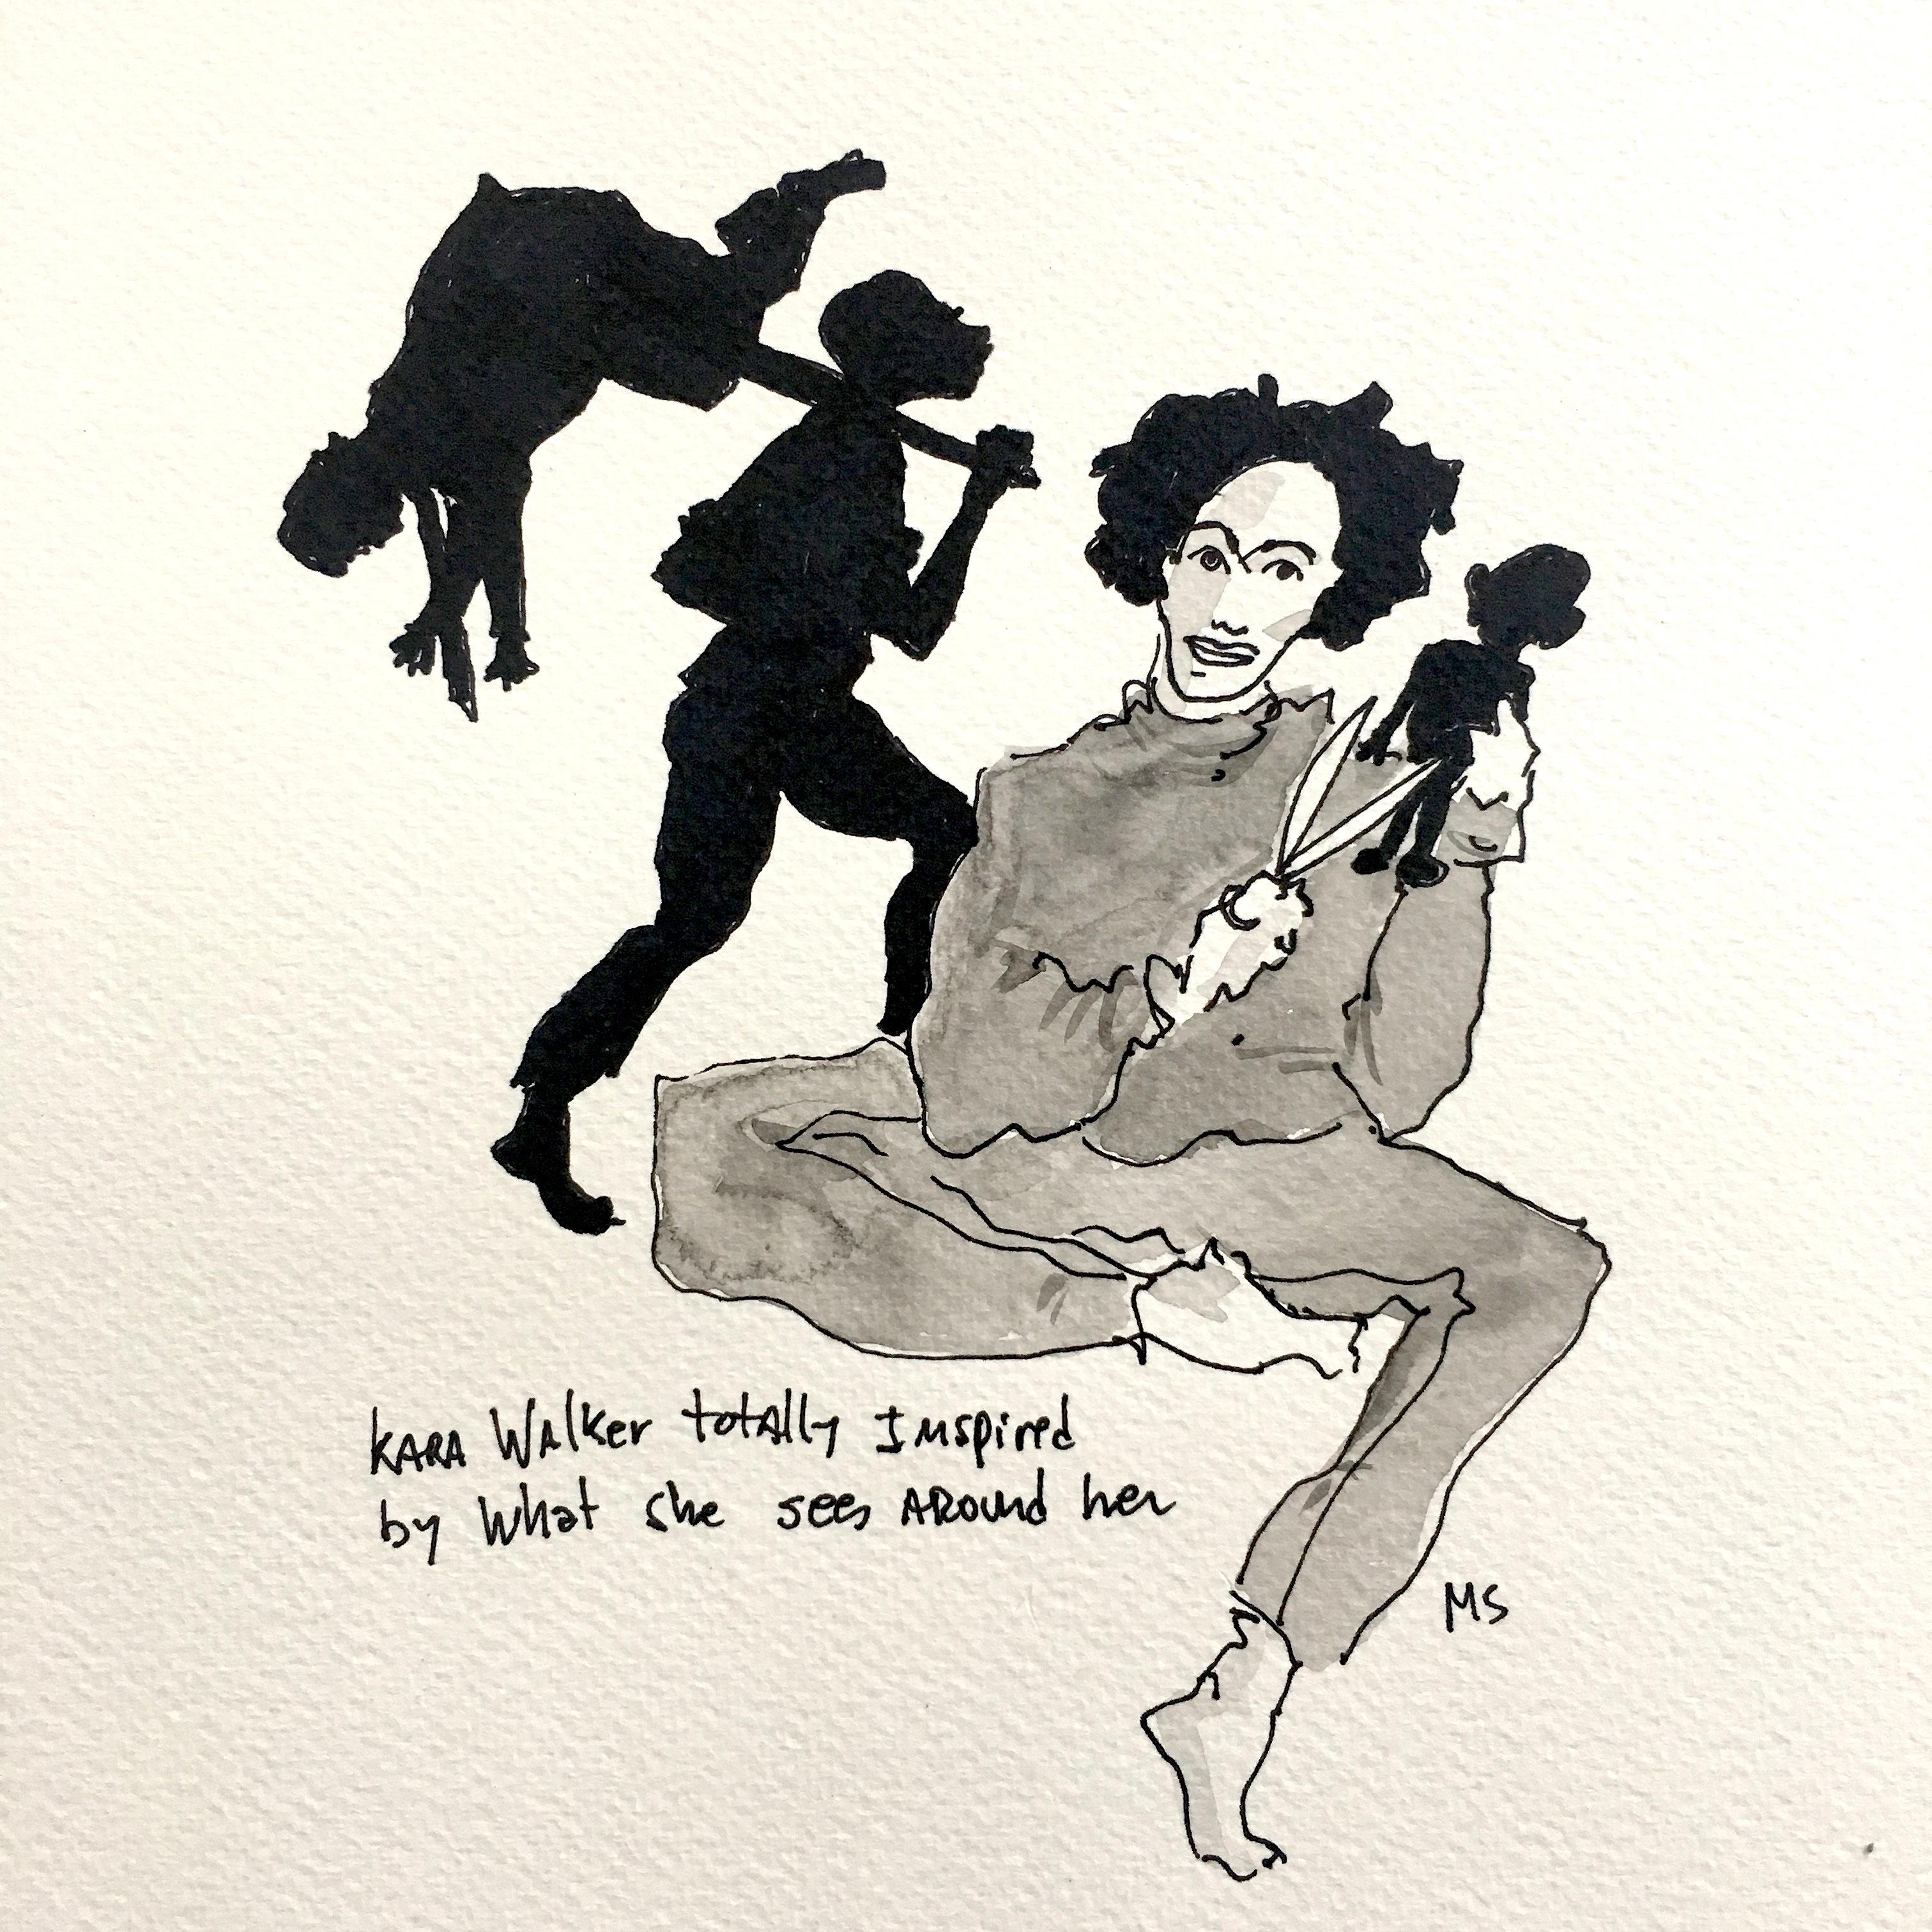 Kara Walker, Totally Inspired